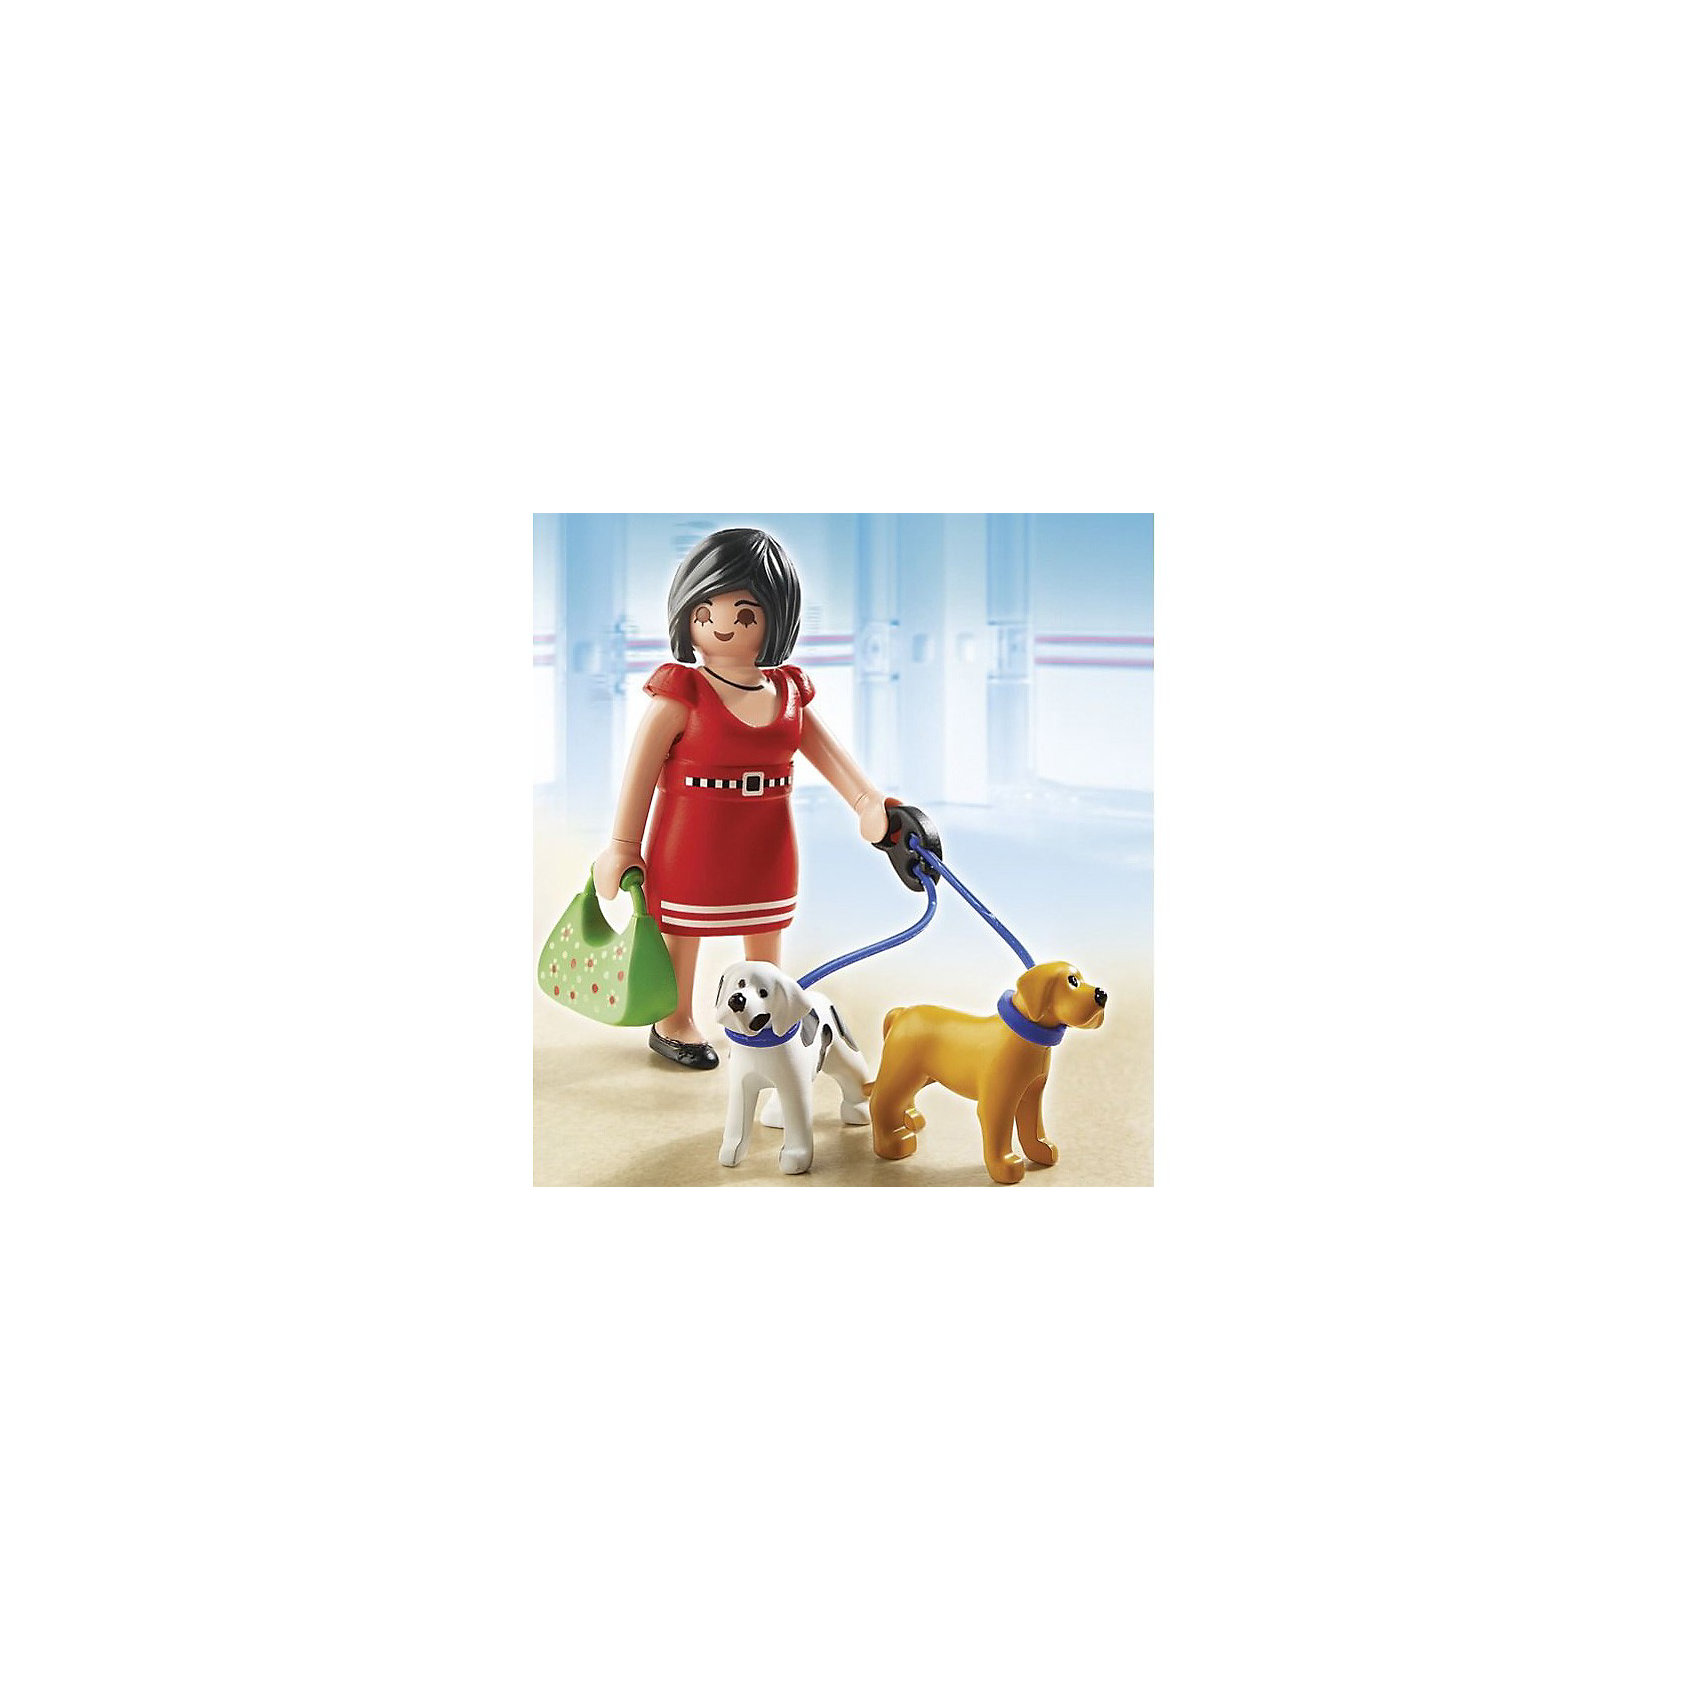 PLAYMOBIL 5490 Торговый центр: Покупательница с щенкамиЯркая и прекрасно детализированная фигурка обязательно привлечет внимание детей. Пройдись по магазинам вместе с двумя очаровательными щенками. Только не спускай их с поводка: собаки могут потеряться. Все детали набора выполнены из высококачественного пластика безопасного для детей. Наборы этой серии наглядно рассказывают ребенку об окружающем его современном мире, помогают сформировать социальные навыки. Можно проигрывать с ребенком различные сцены из жизни (например, в гостях, на прогулке в городе, в магазине) тренируя его коммуникативные способности  и обучая тому, как вести себя в различных жизненных ситуациях. <br><br>Дополнительная информация:<br><br>- Материал: пластик.<br>- Размер фигурки: 7,5 см.<br>- Комплектация: фигурка девушки, две фигурки щенков, сумочка, платье.<br>- Руки, ноги, голова у фигурки подвижные. <br>- Платье можно снимать и одевать.<br>- Щенков можно спустить с поводка. <br>- Совместим с другими наборами этой серии. <br><br>Набор PLAYMOBIL 5490 Торговый центр: Покупательница с щенками, можно купить в нашем магазине.<br><br>Ширина мм: 152<br>Глубина мм: 98<br>Высота мм: 54<br>Вес г: 58<br>Возраст от месяцев: 60<br>Возраст до месяцев: 144<br>Пол: Женский<br>Возраст: Детский<br>SKU: 3101963